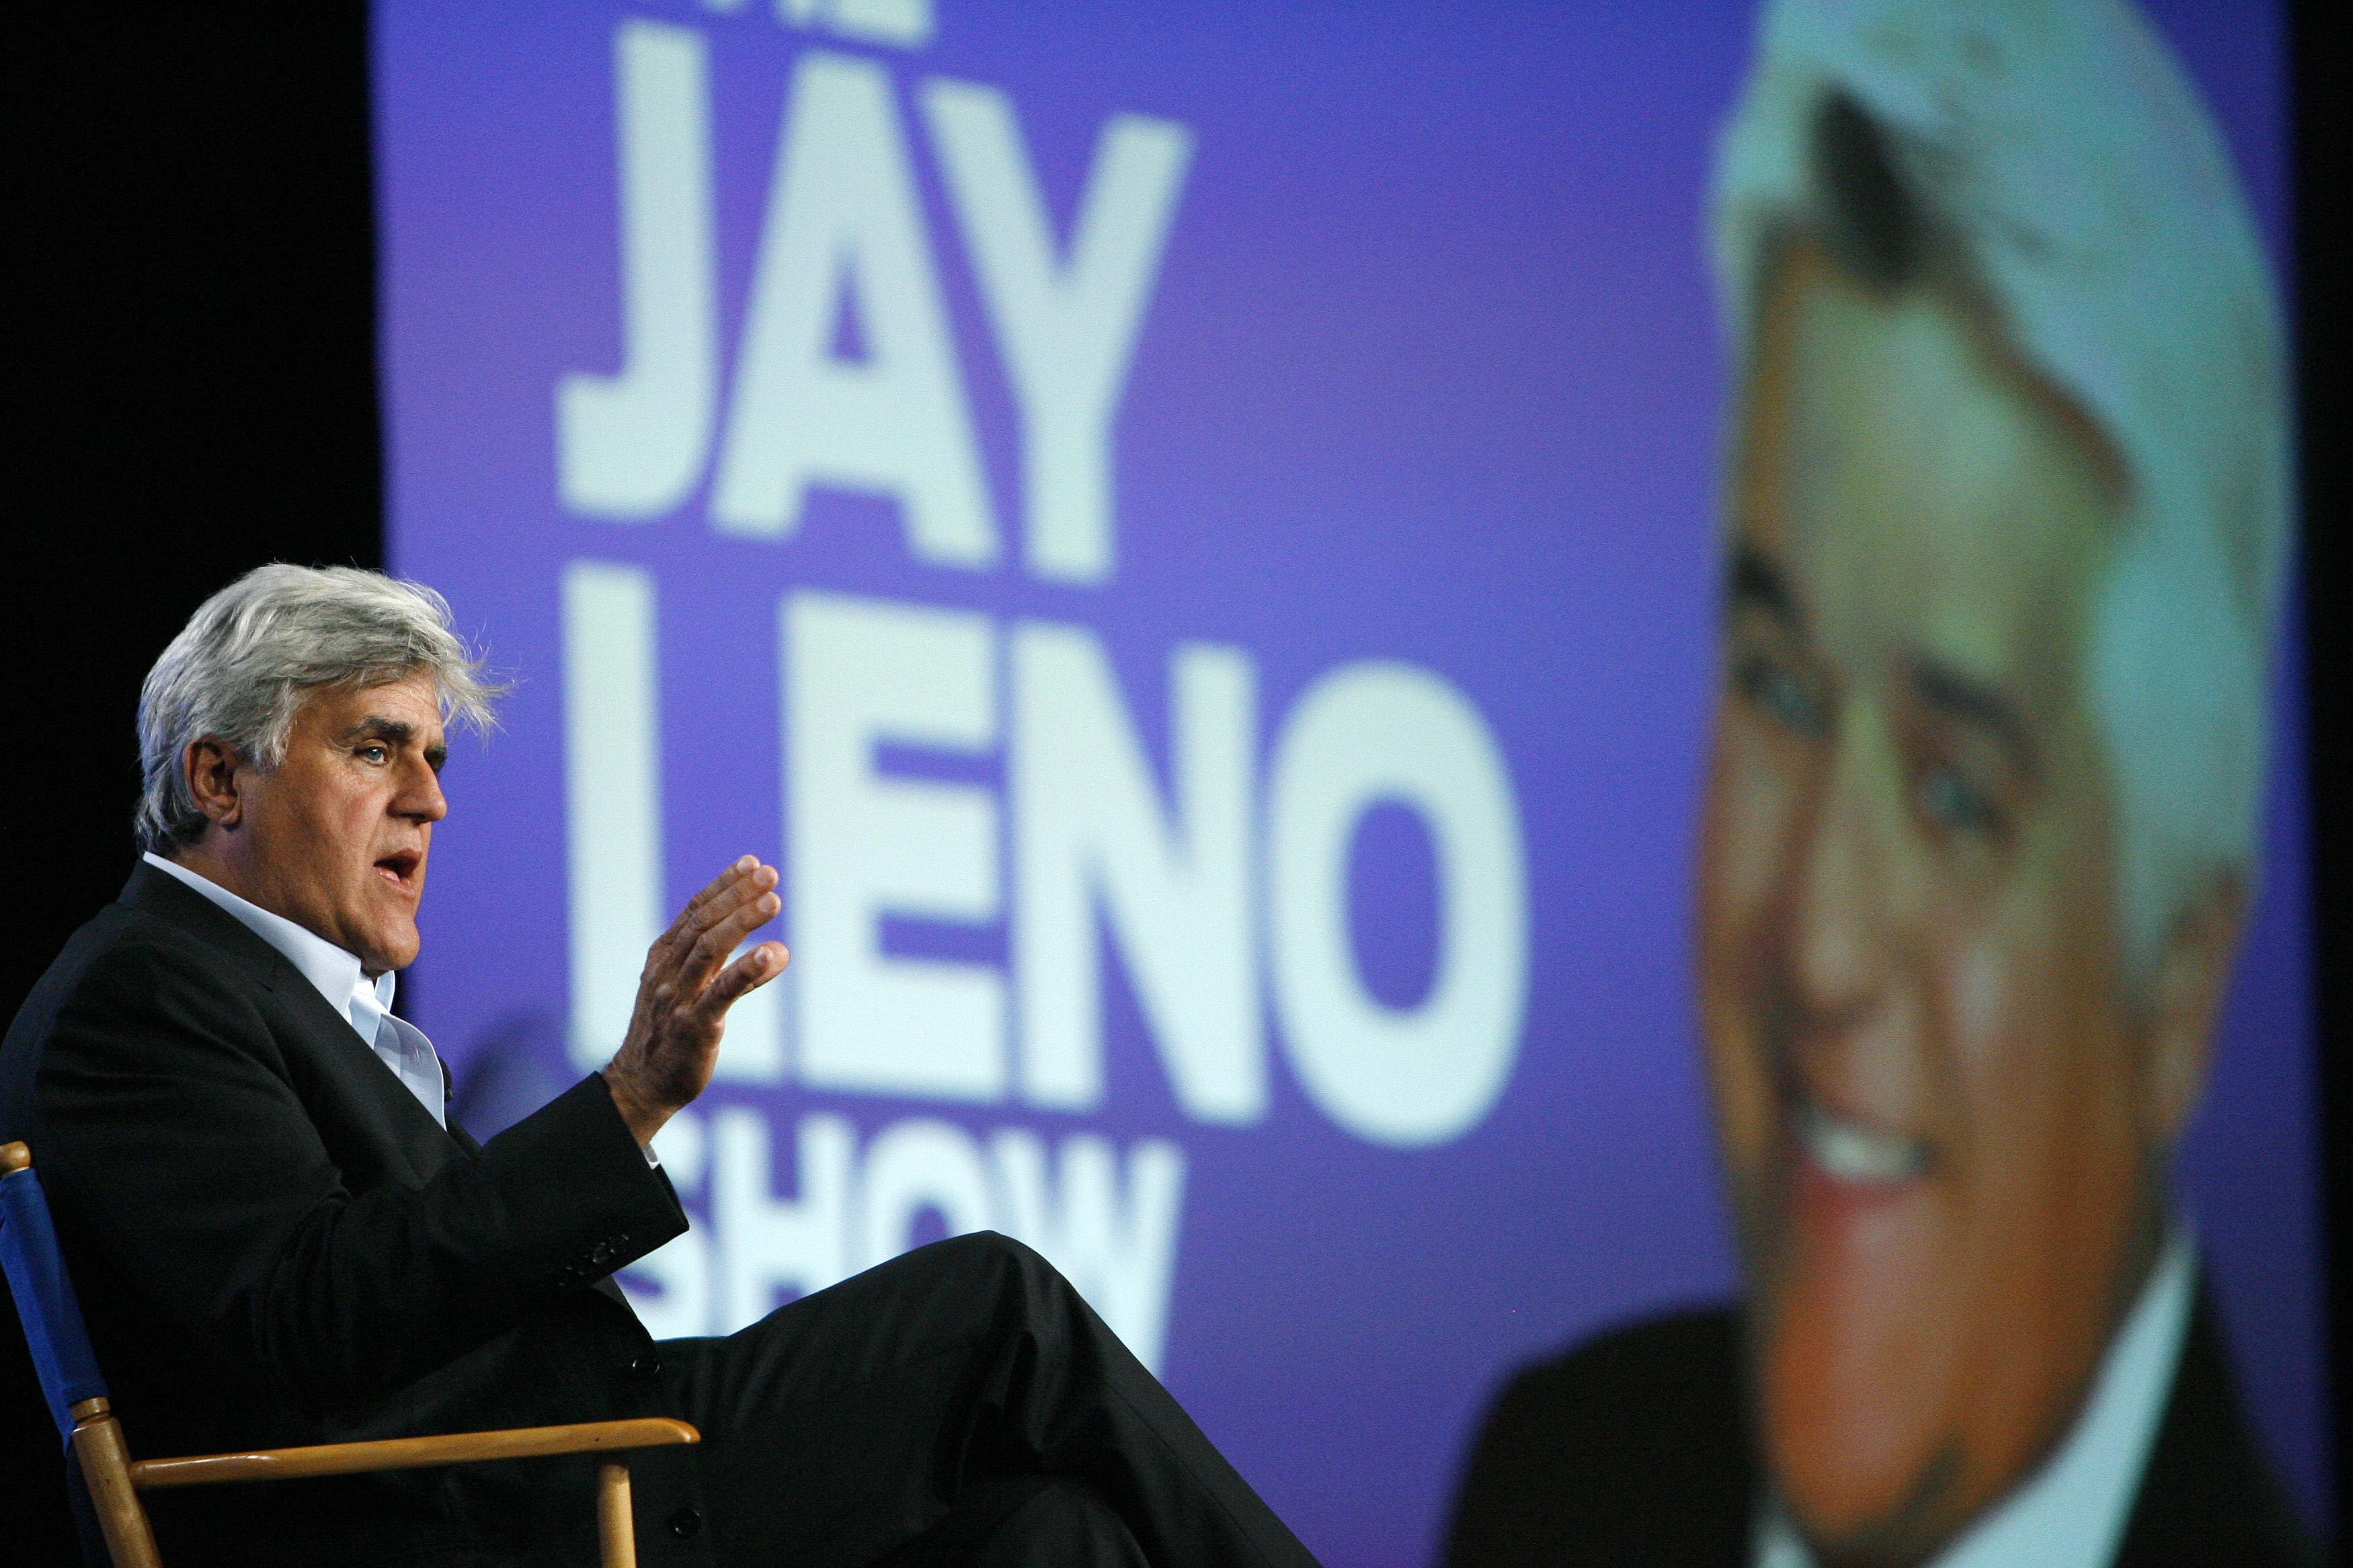 O apresentador Jay Leno gesticula durante um painel para sua próxima série de TV